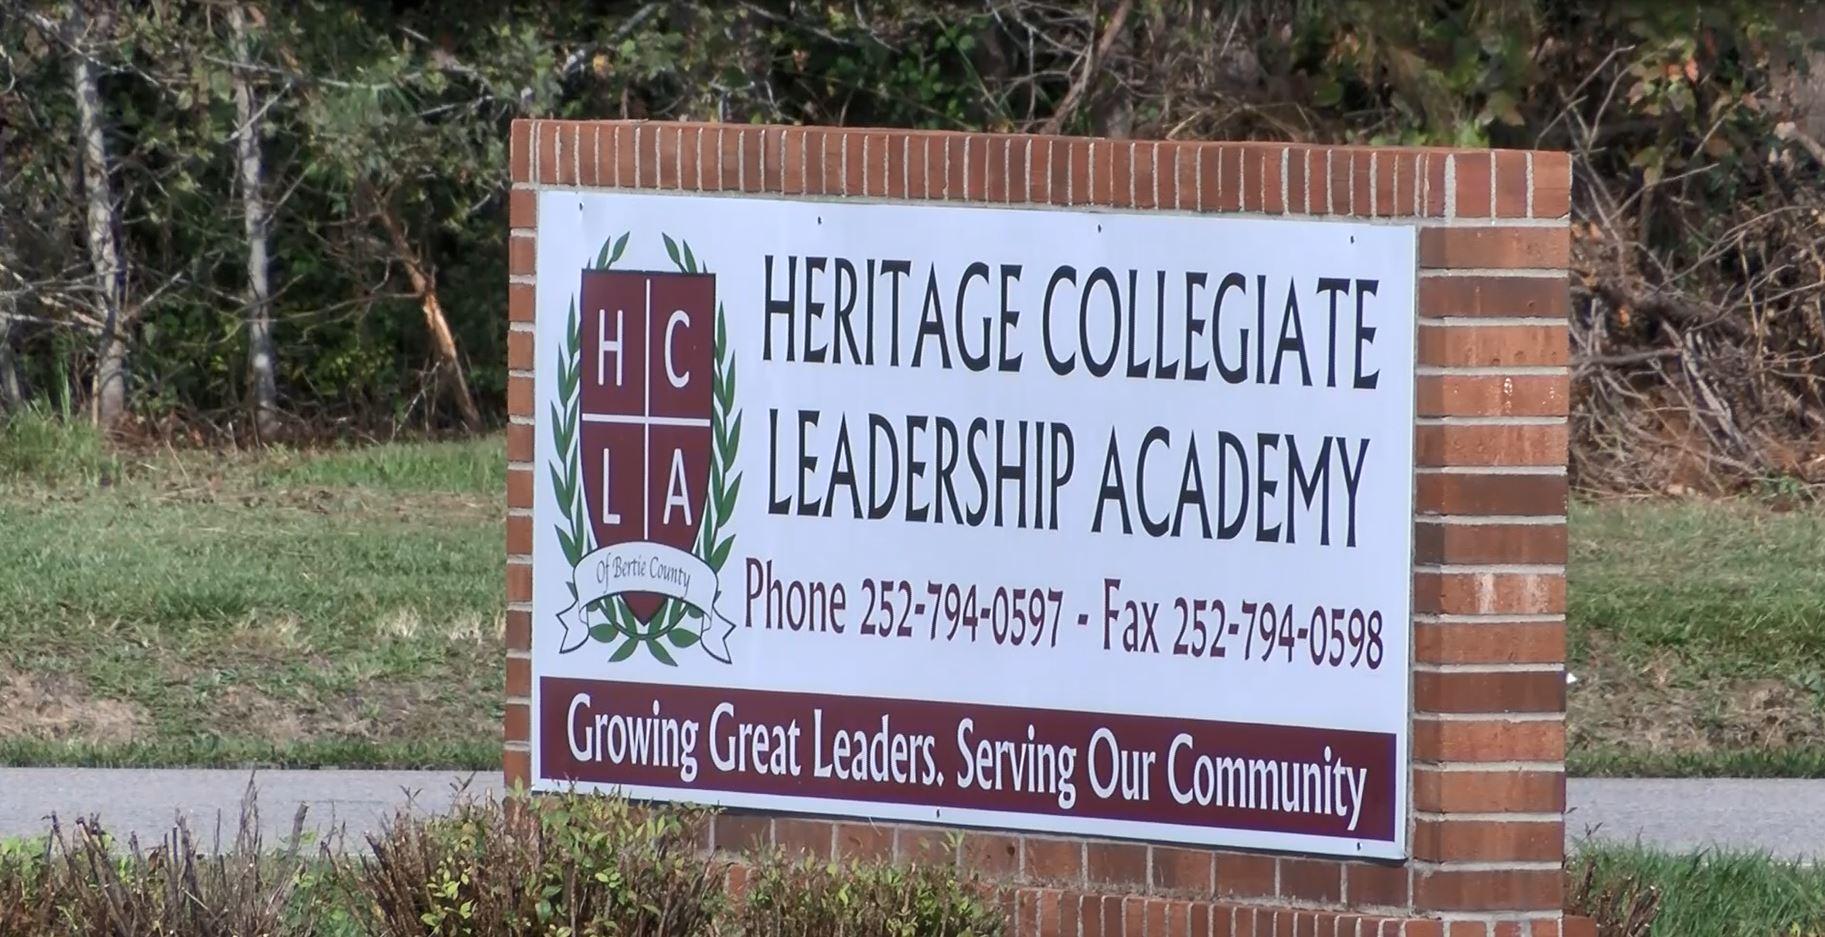 heritage collegiate_488717